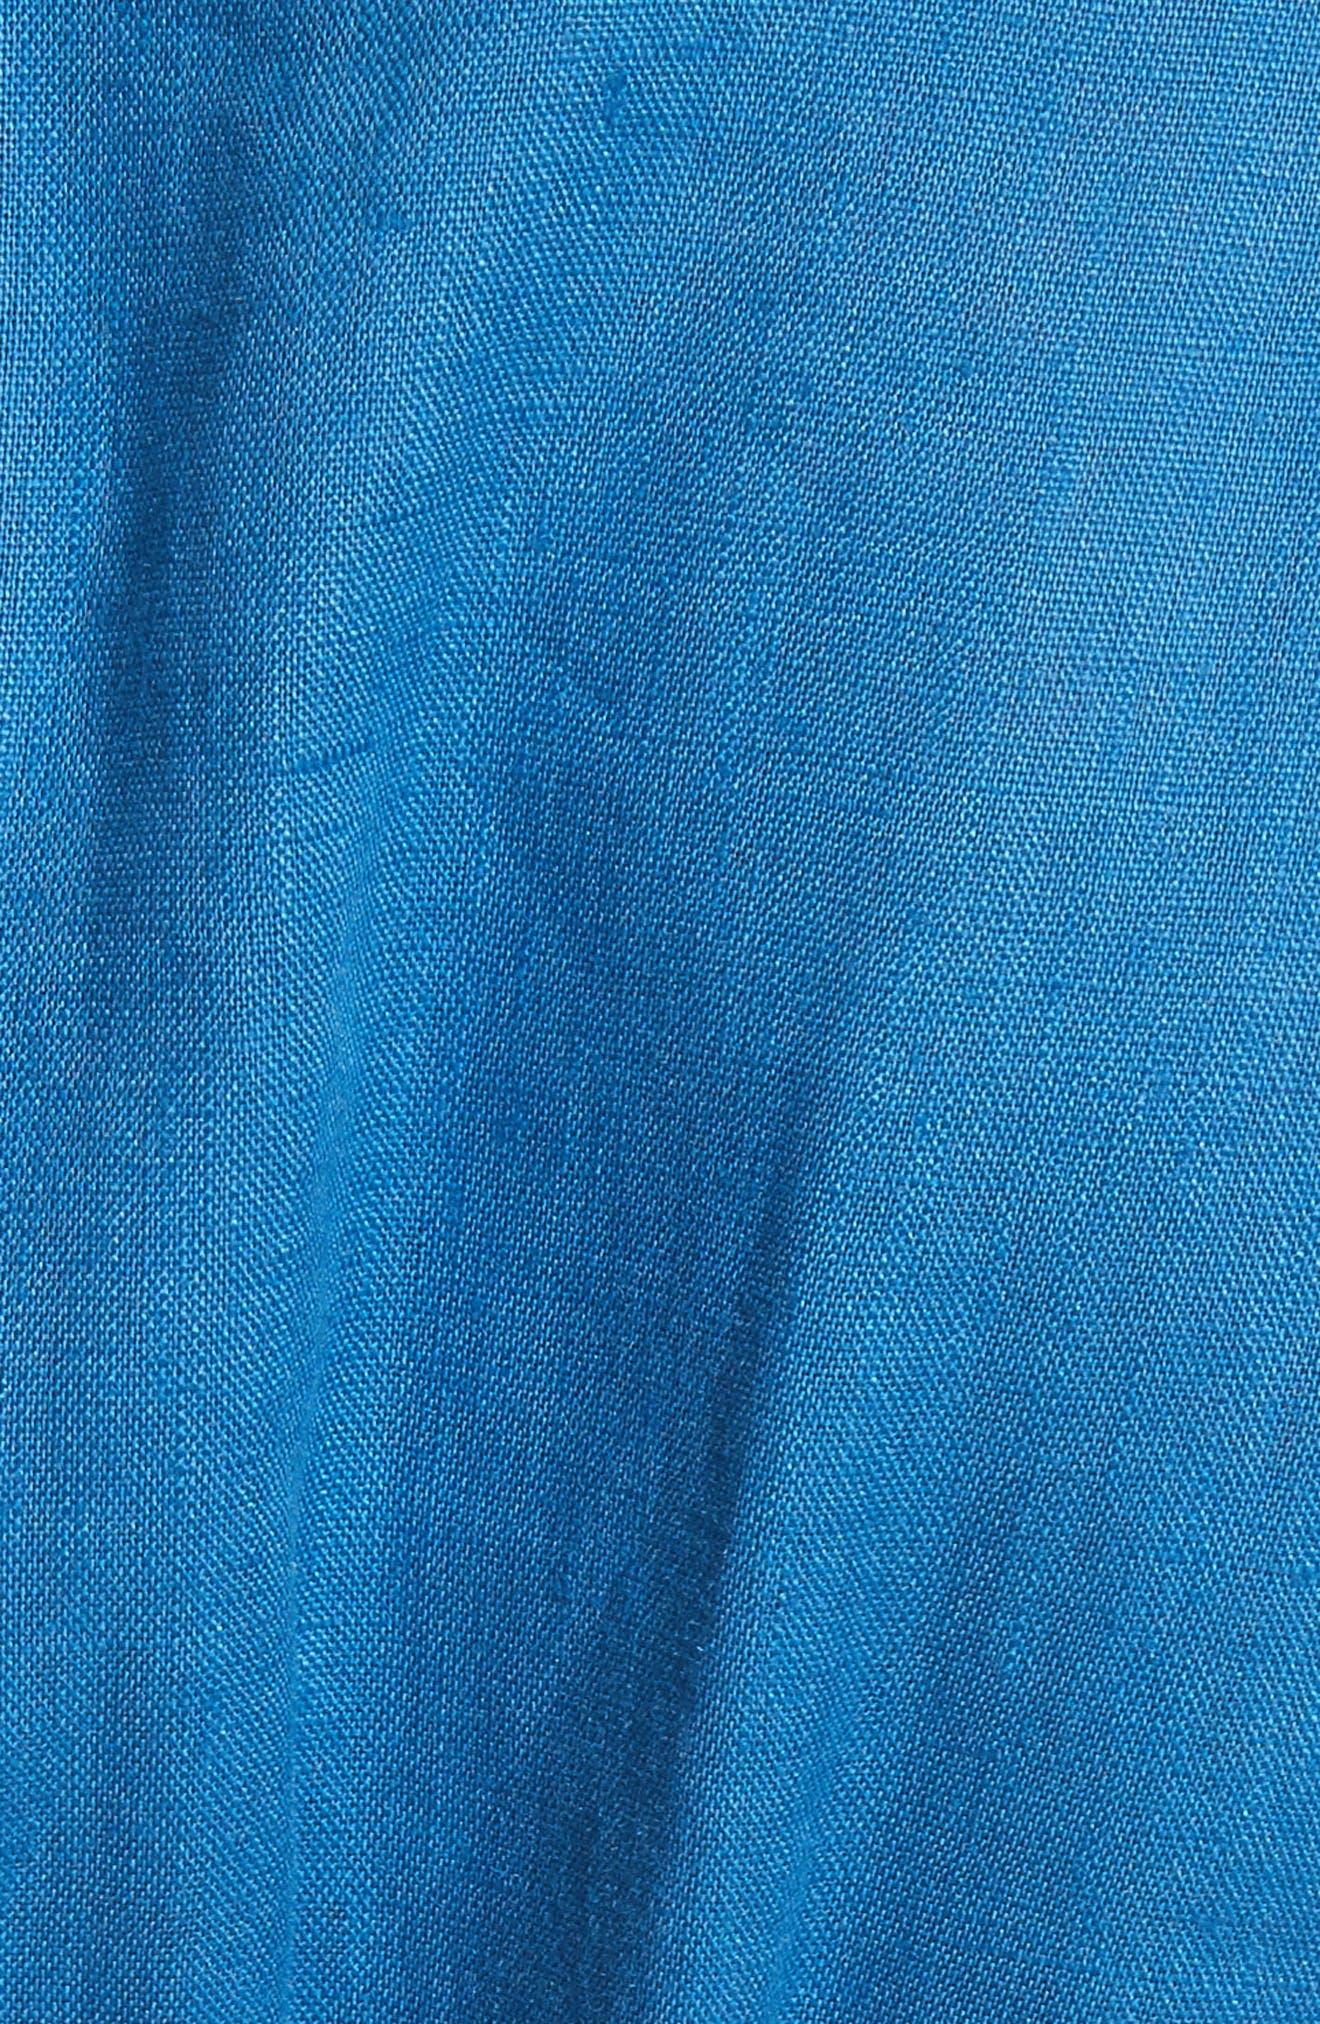 Coraline Pleated Button Front Linen Dress,                             Alternate thumbnail 5, color,                             Blue